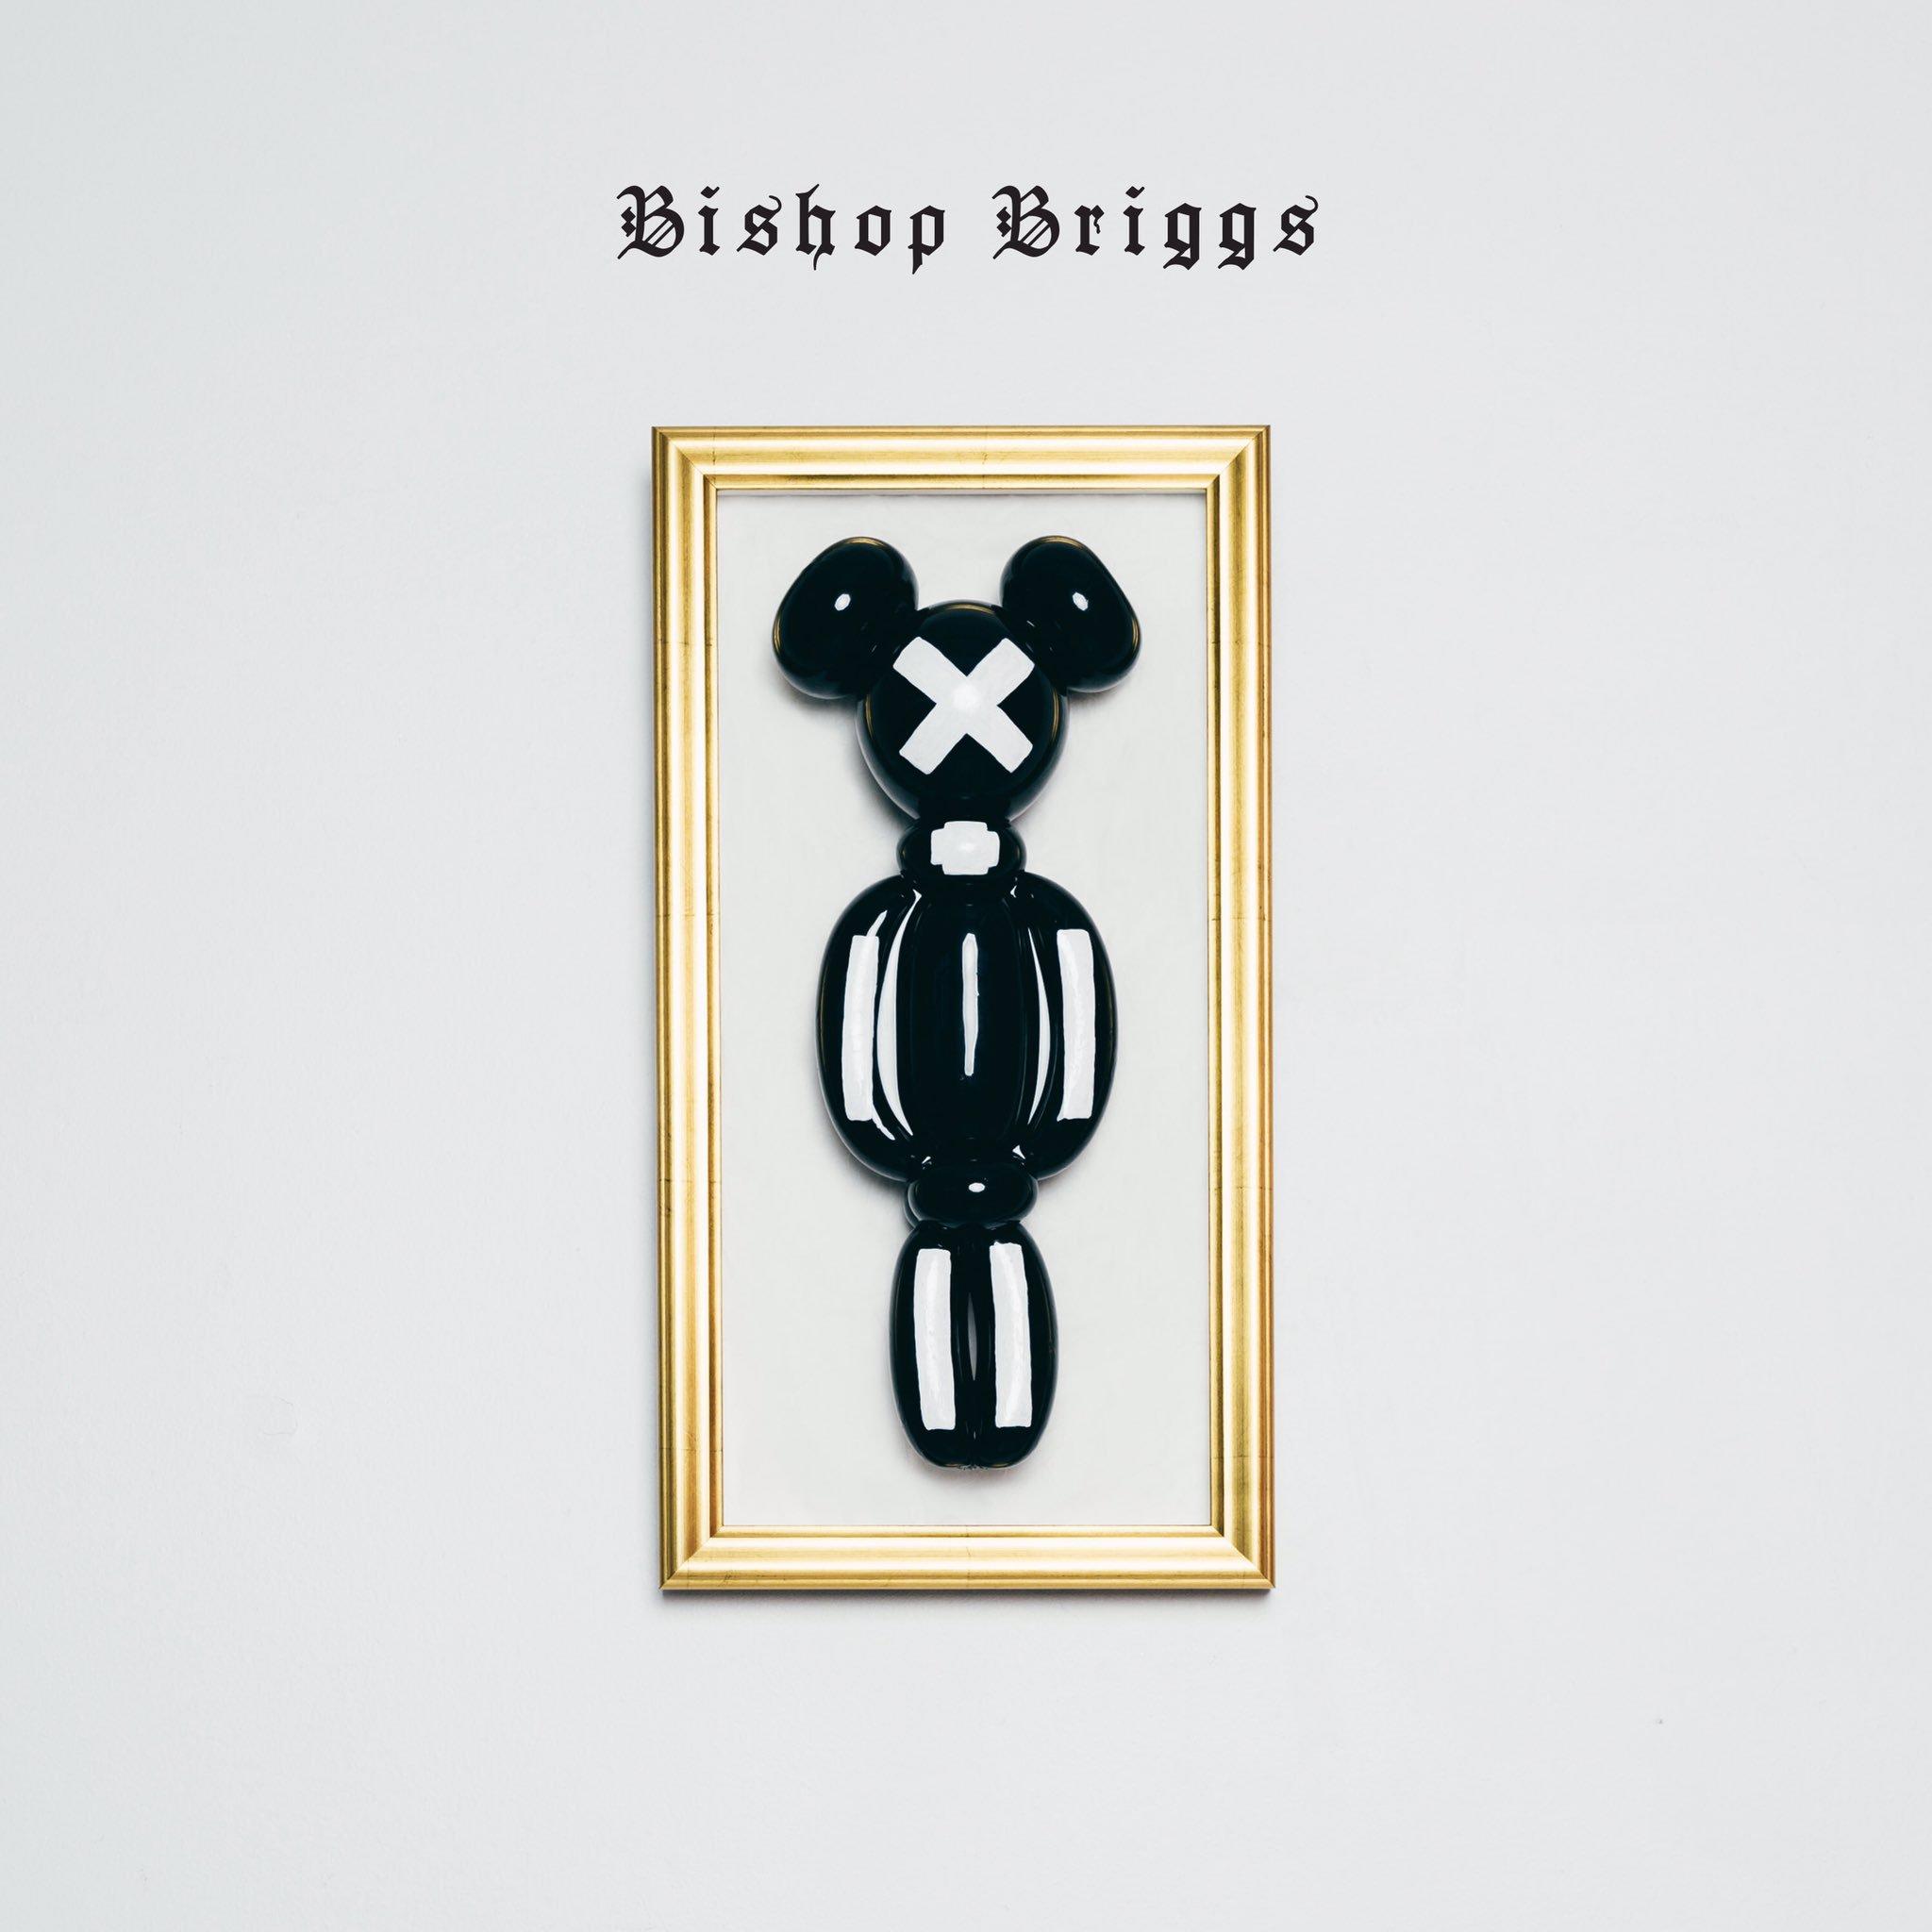 Afbeeldingsresultaat voor Bishop Briggs - Bishop Briggs